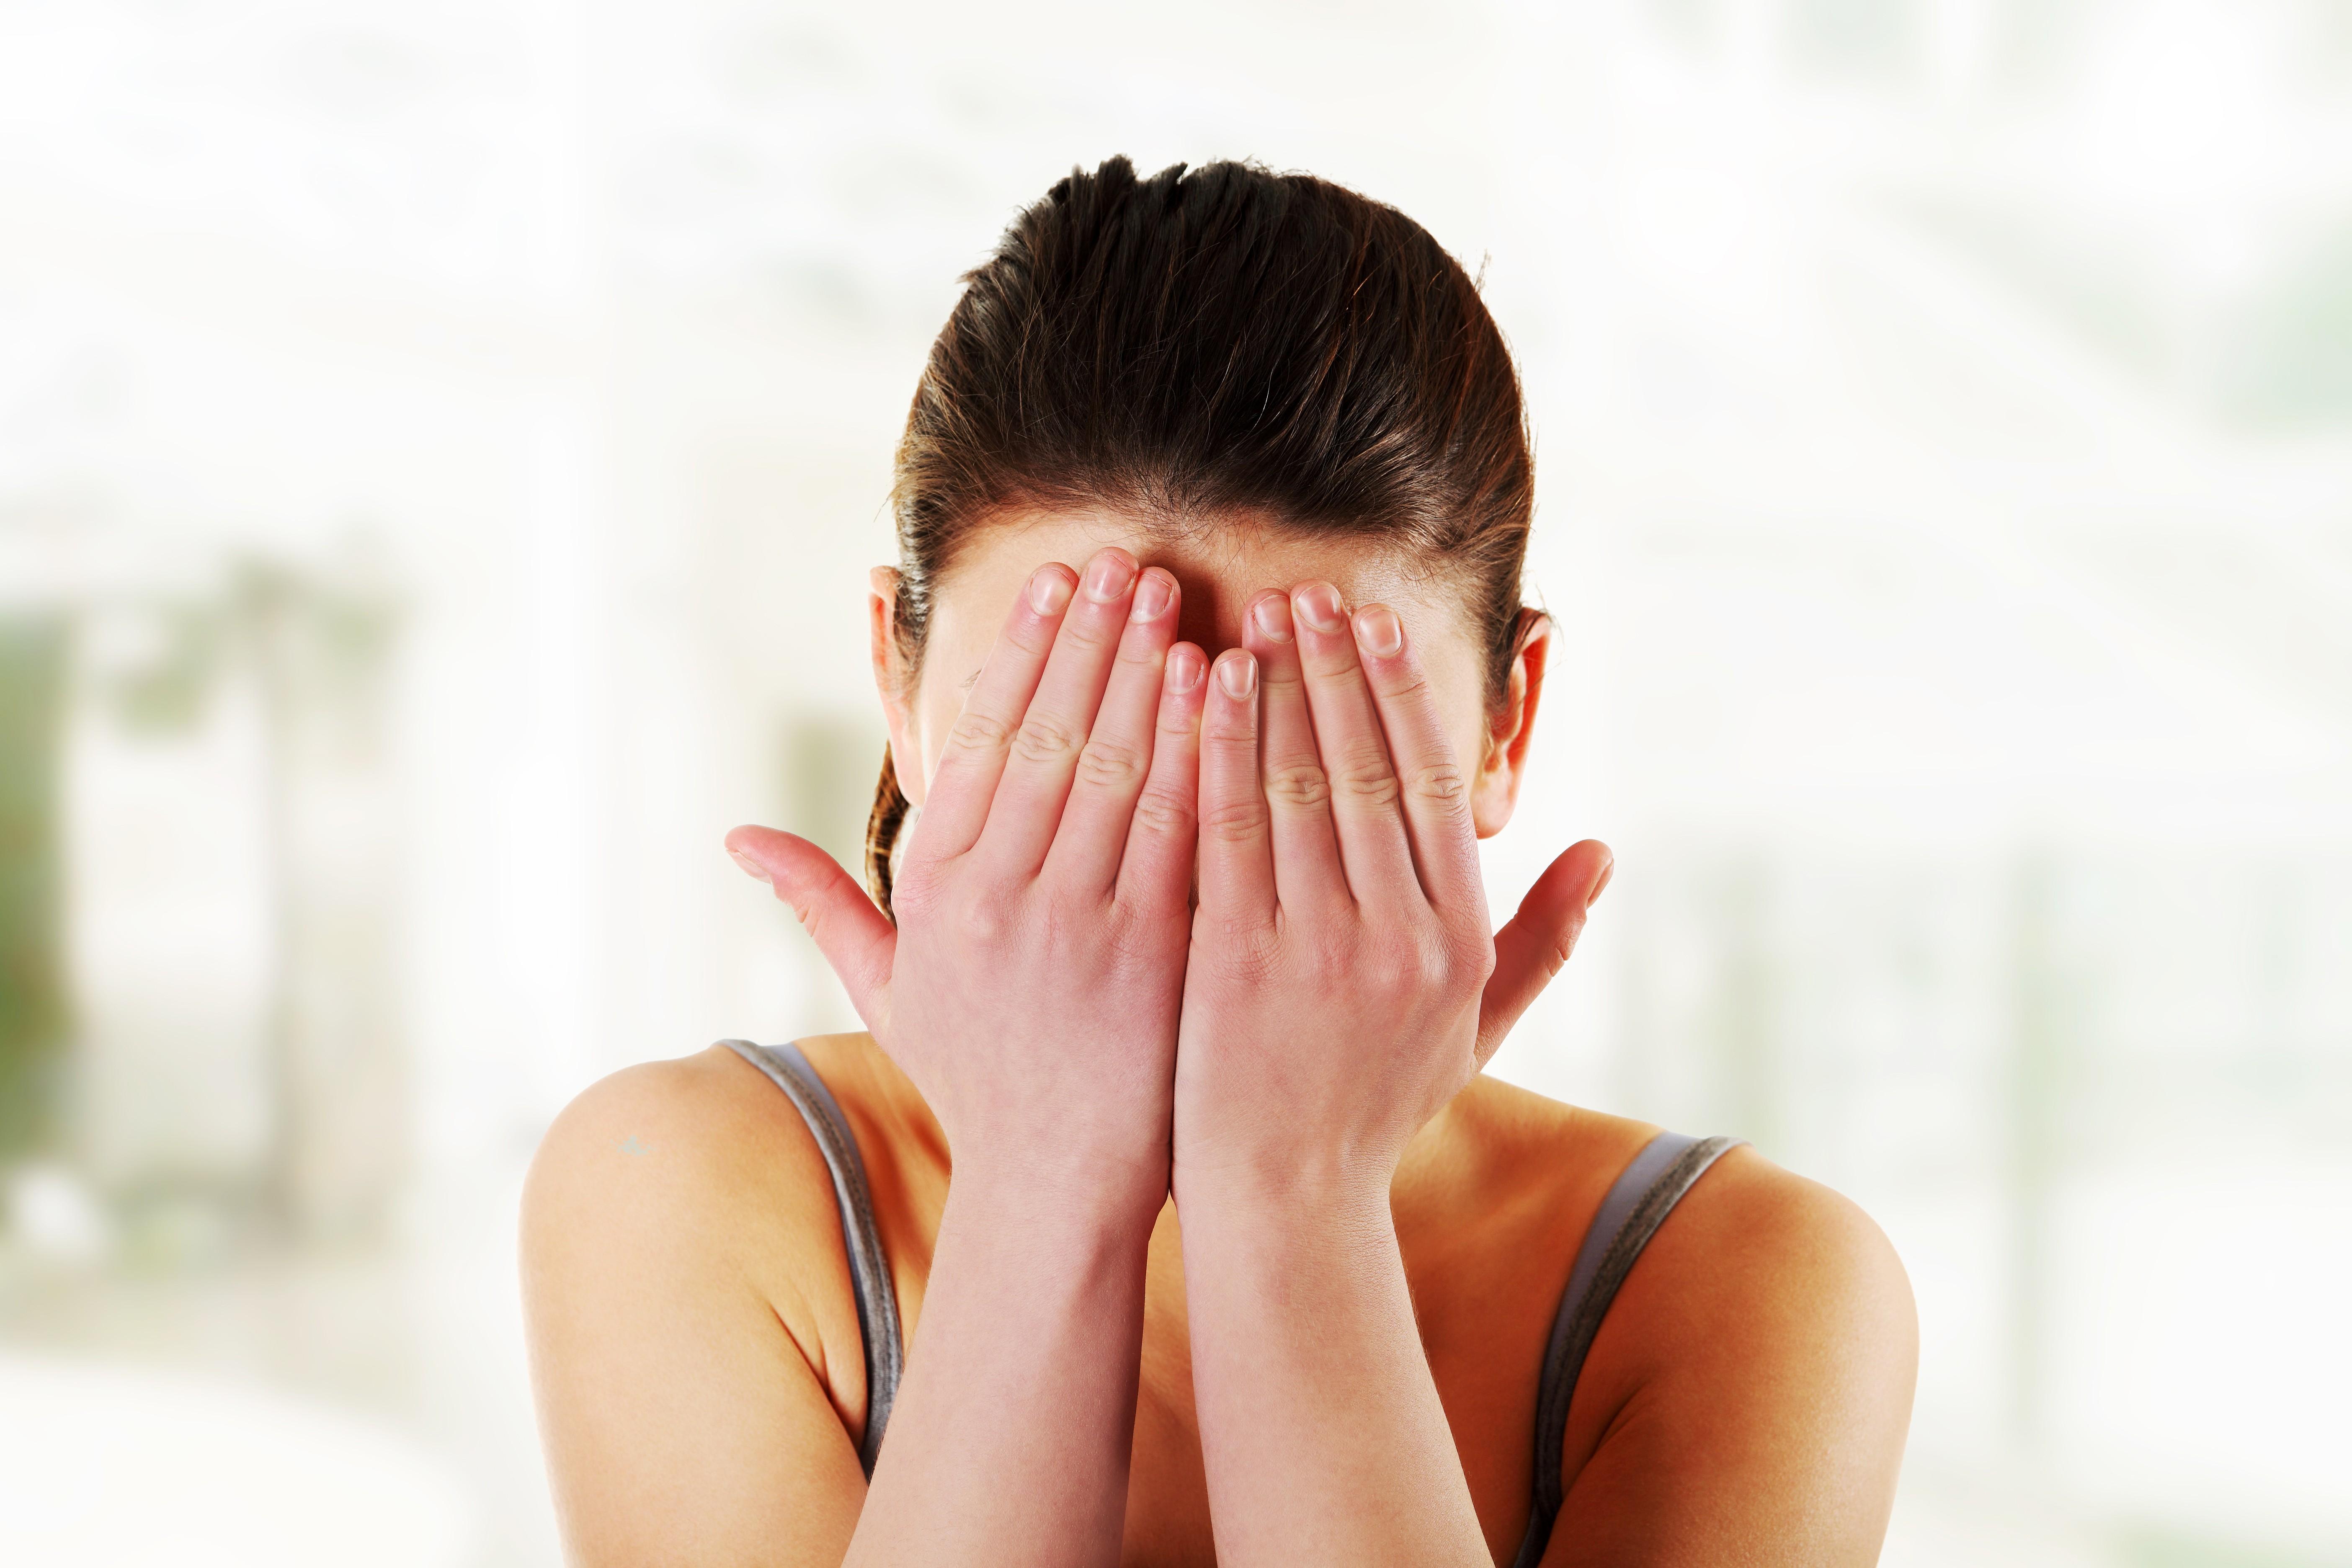 De echte oorzaak van acne